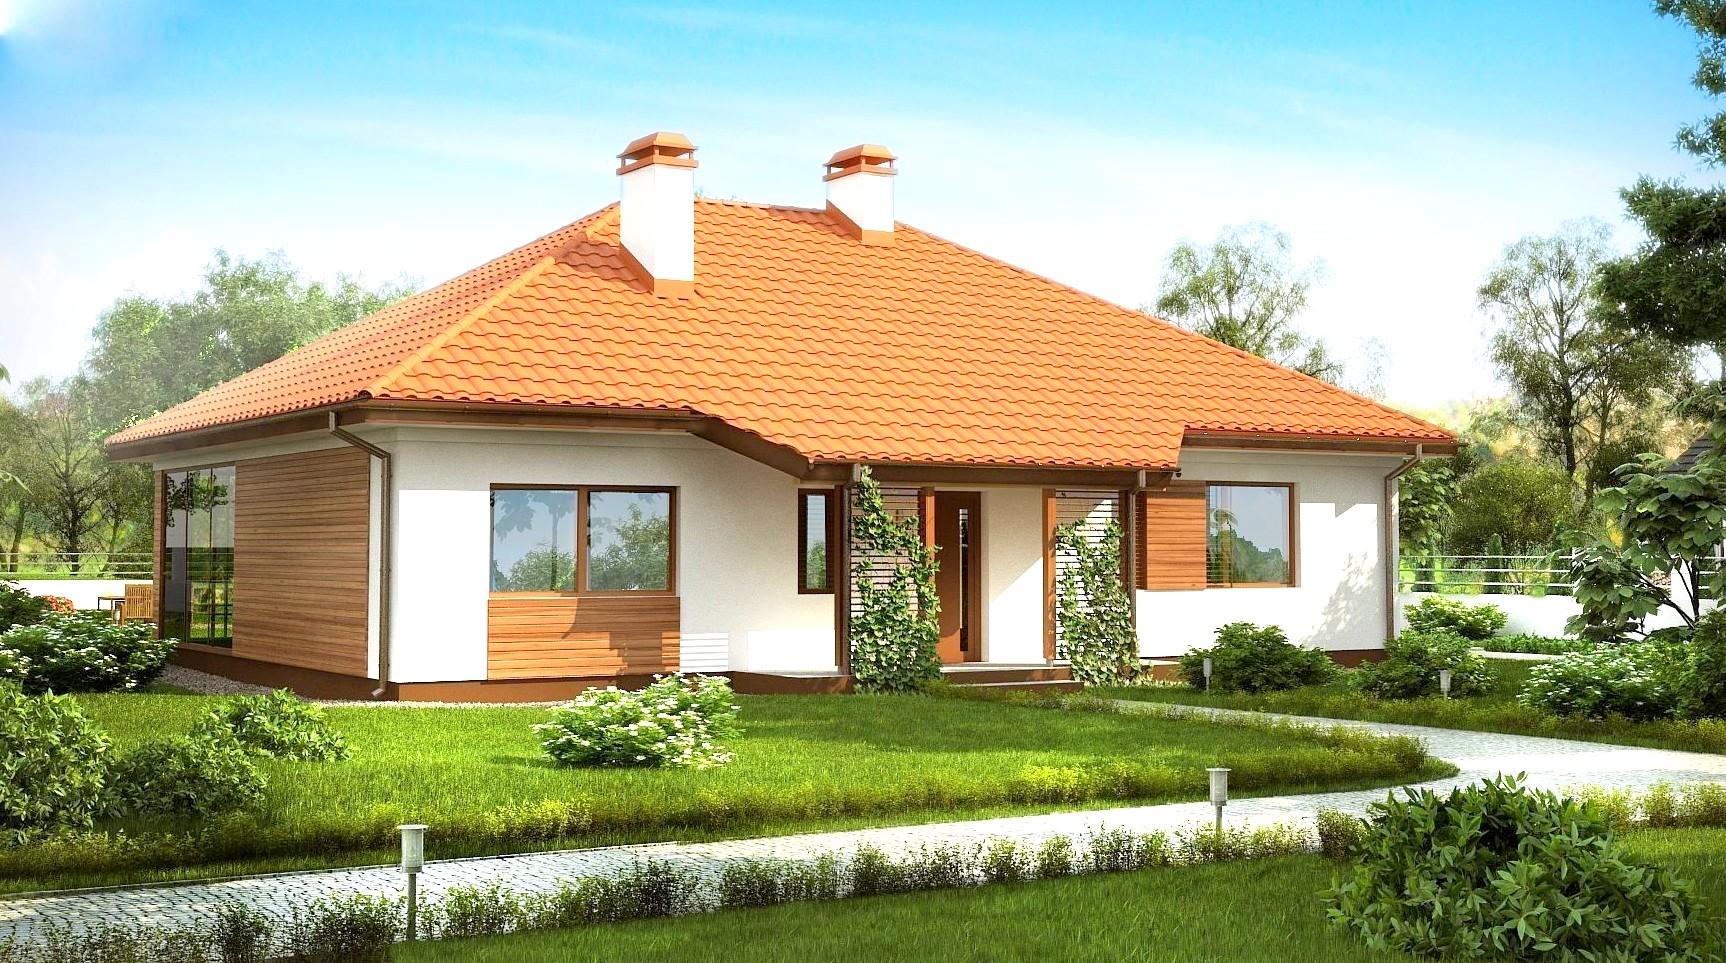 Proiect 1 Casa mica parter proiect